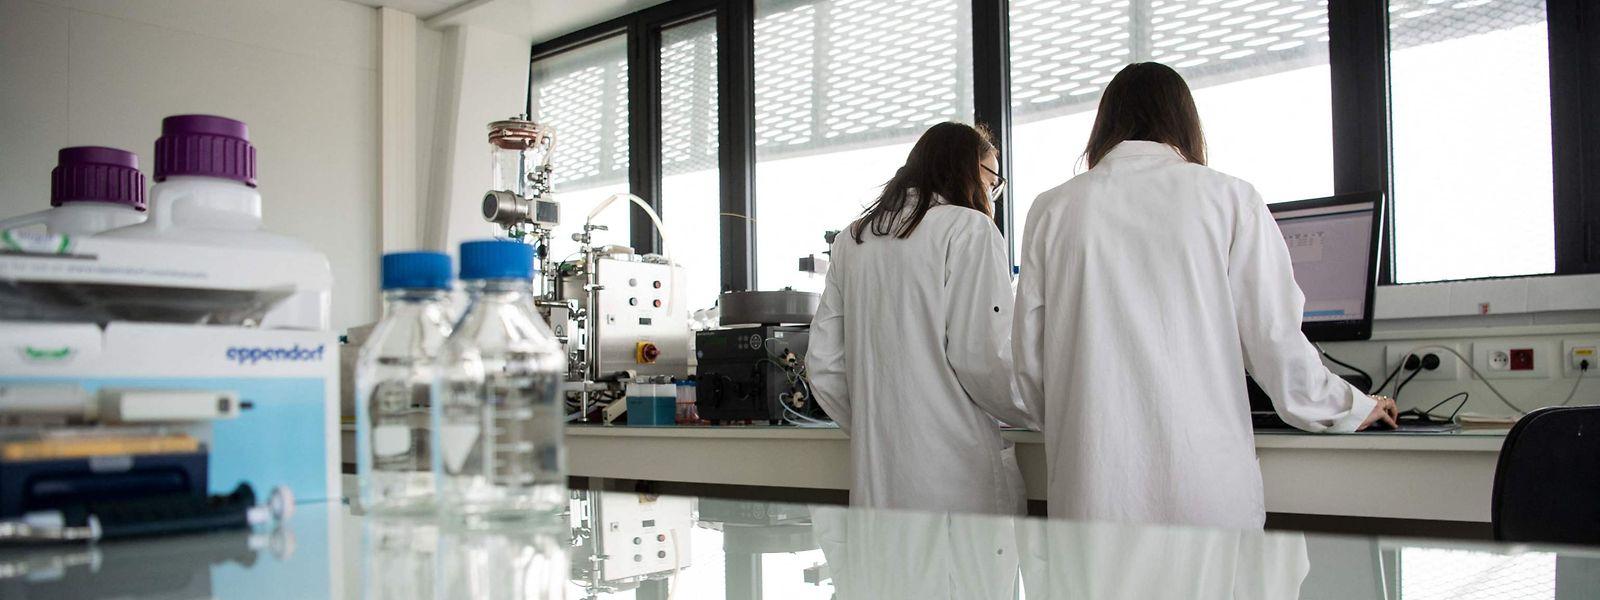 A ce jour, 2,4 millions de tests PCR covid ont été analysés au Luxembourg. Dont 1,4 million dans le cadre du dépistage massif organisé par le gouvernement (Large scale testing)